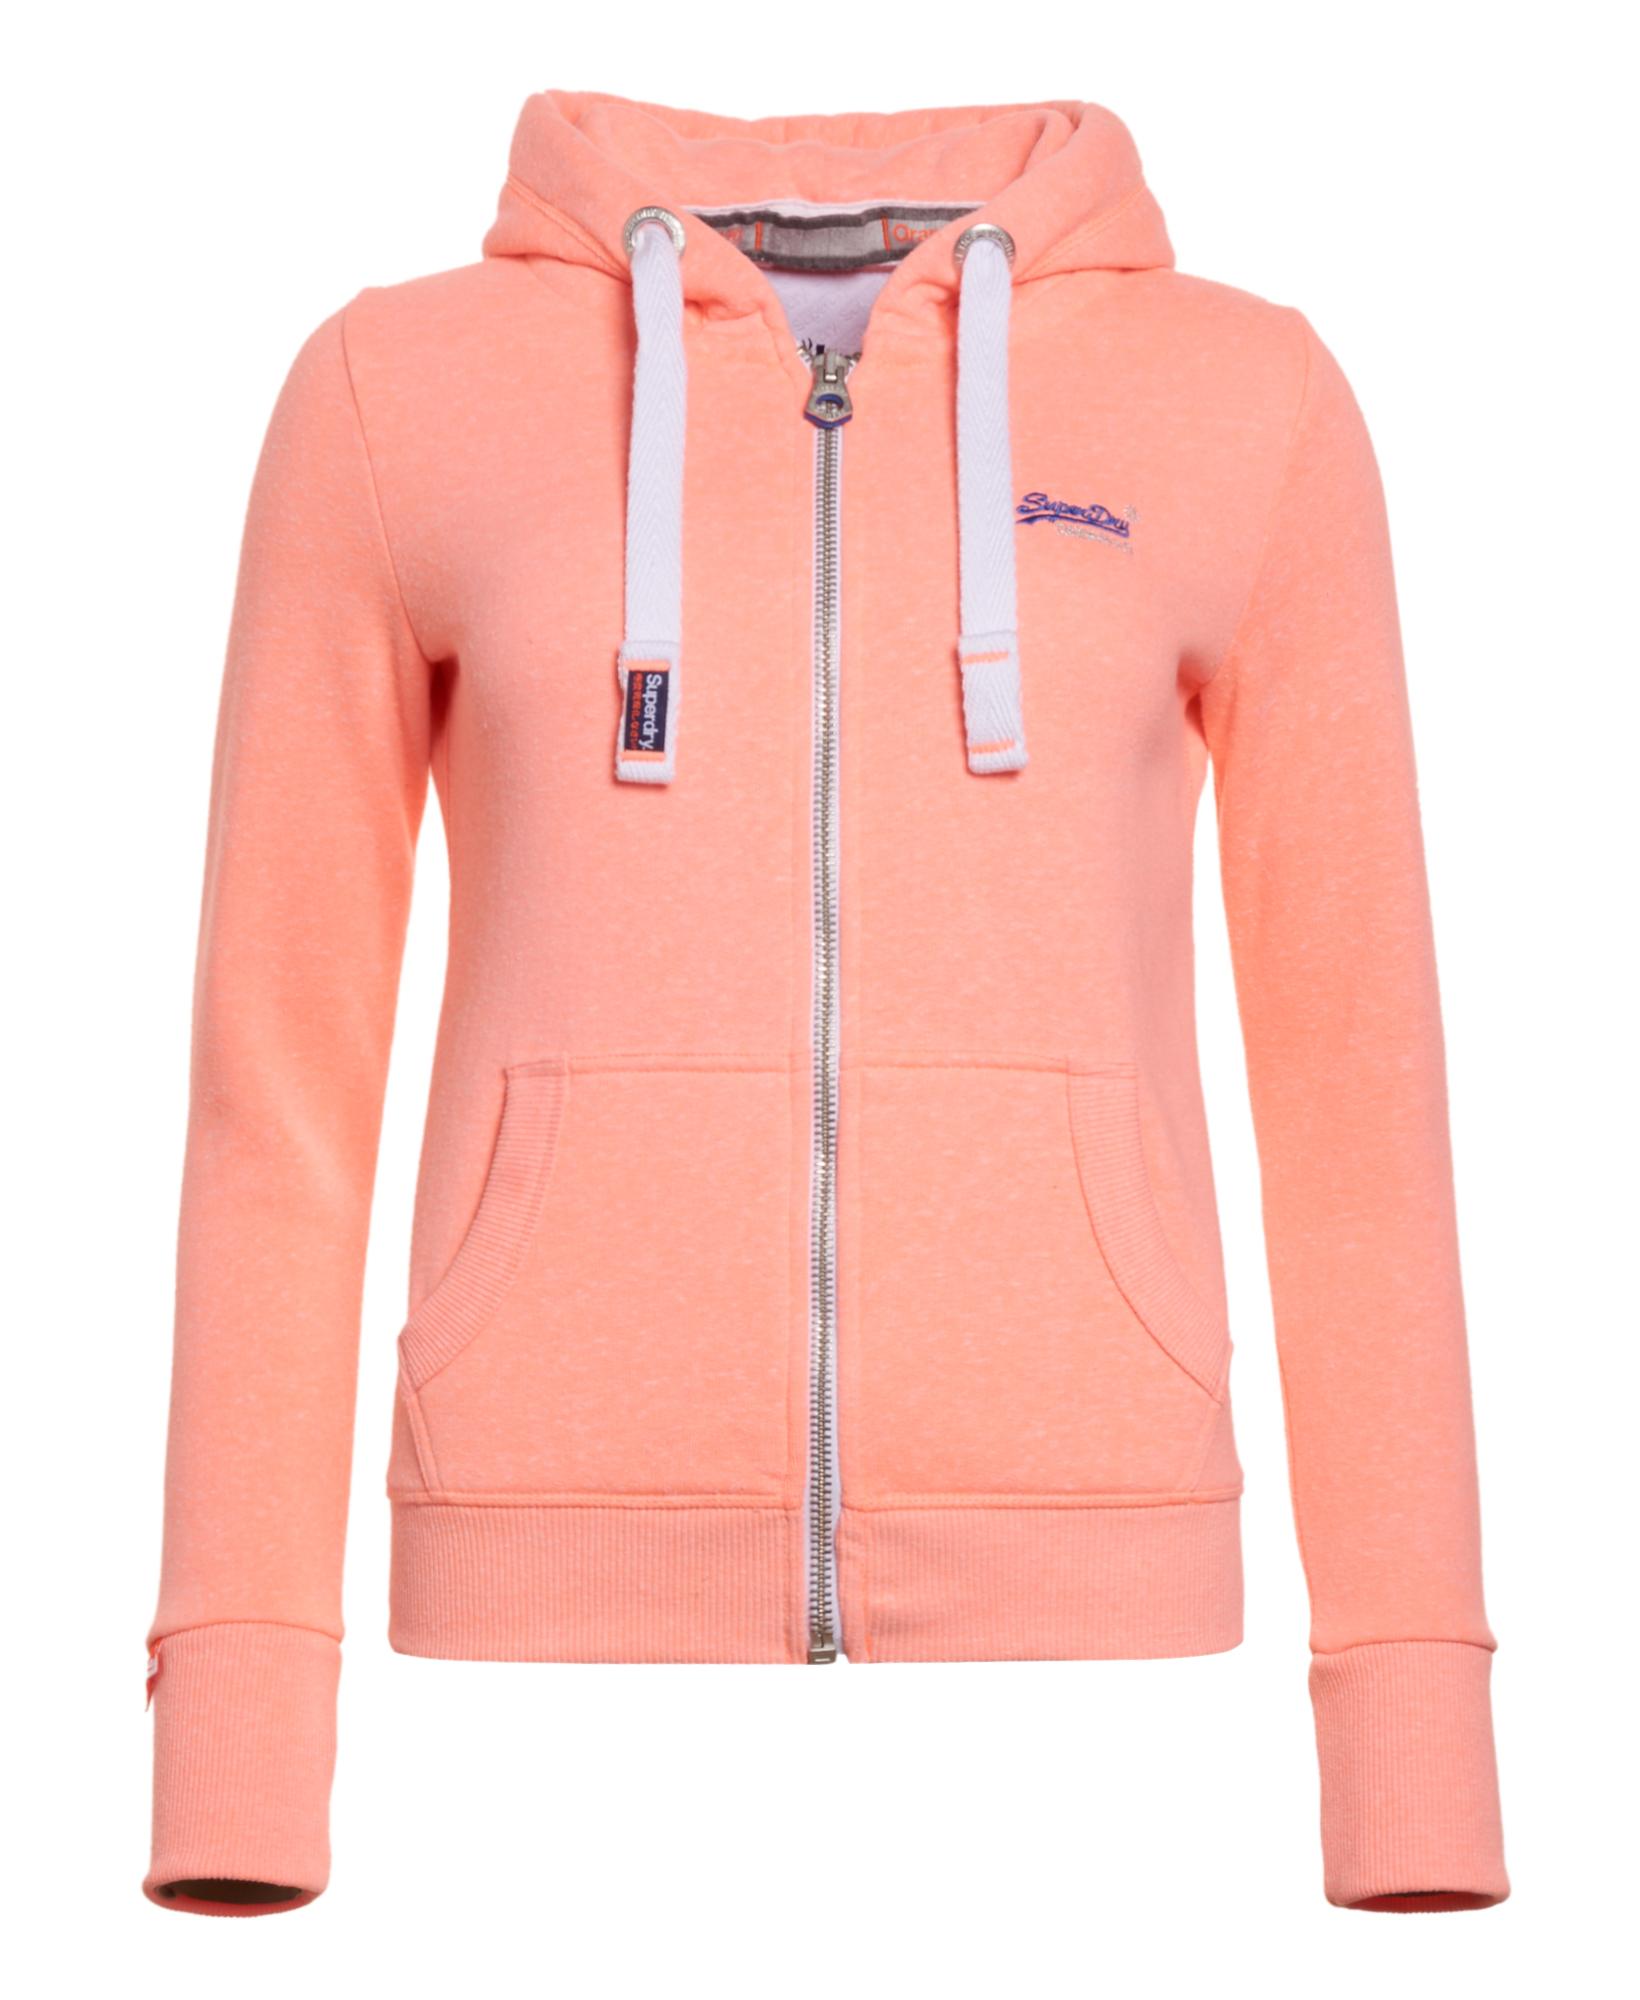 newest 399c3 79a31 Details zu Neuer Damen Superdry Orange Label Zip Hoodie Starburst Coral Snow